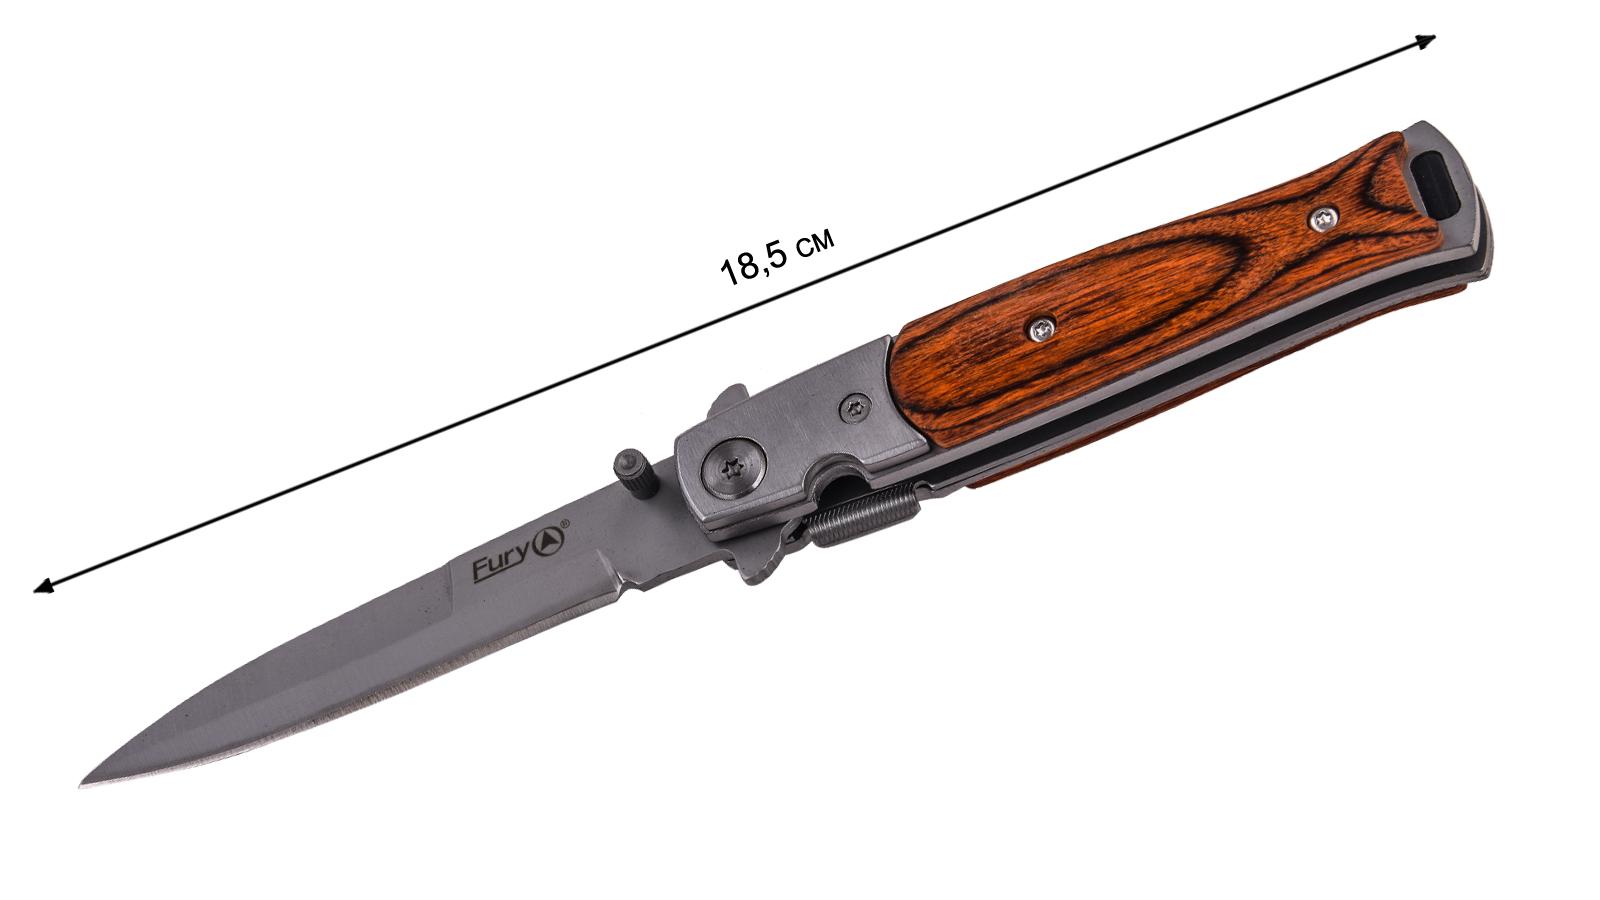 Выкидной стилет Fury Knives Equator Dagger 10383 (США) - длина